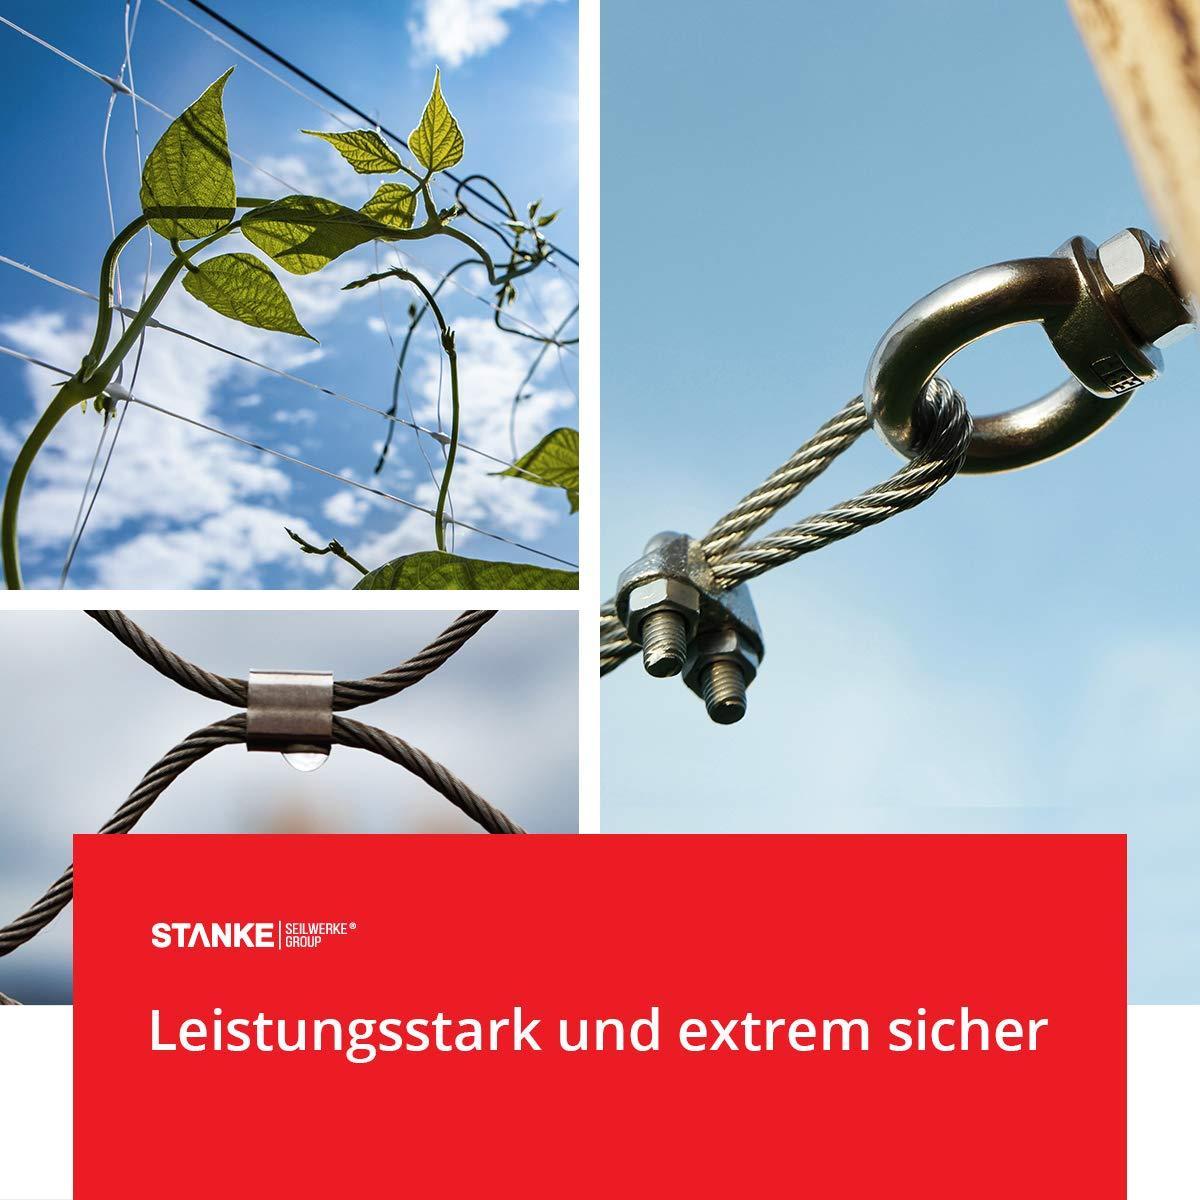 Seilwerk STANKE 100x Alu Pressklemme Gr/ö/ße 1 Seilklemme Drahtseilklemme Aluminium Pressh/ülse